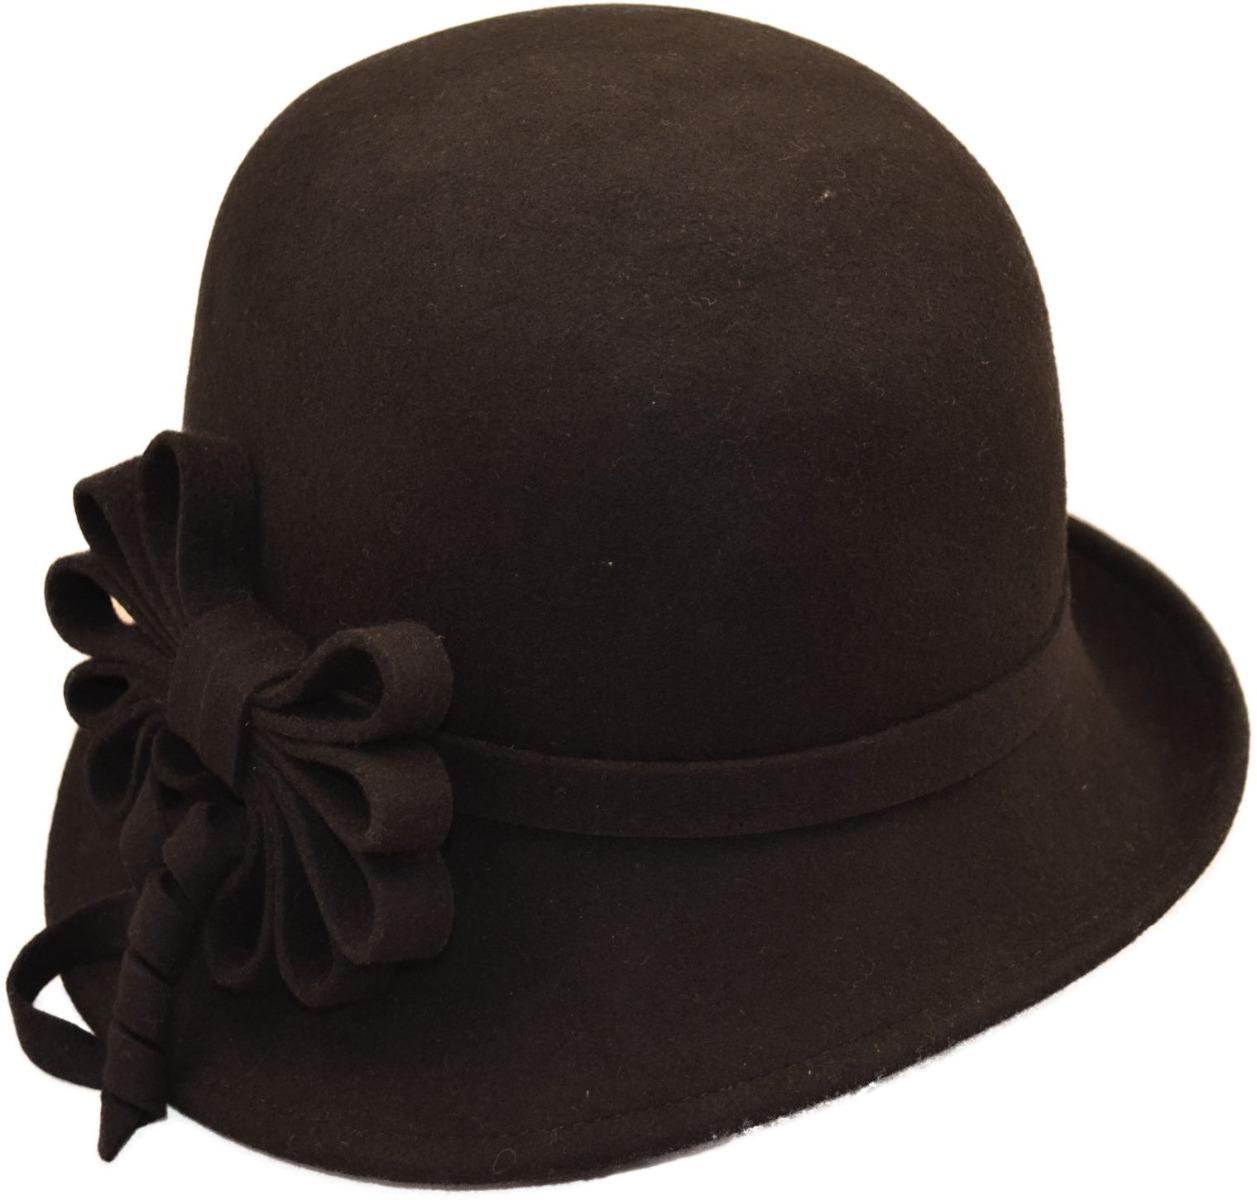 eae2153bl_chapeau-cloche-pin-up-40-s-50-s-retro-glamour-nancy-noir